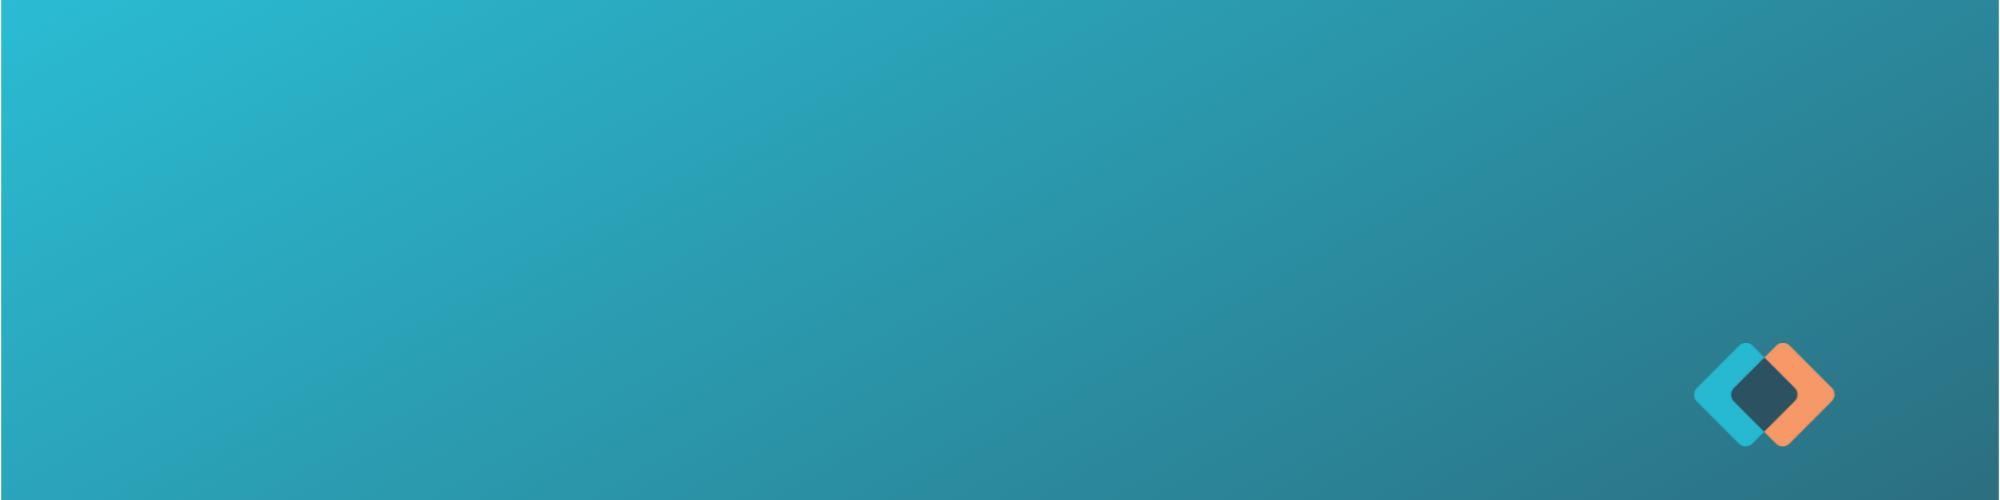 blue header bckground with mark